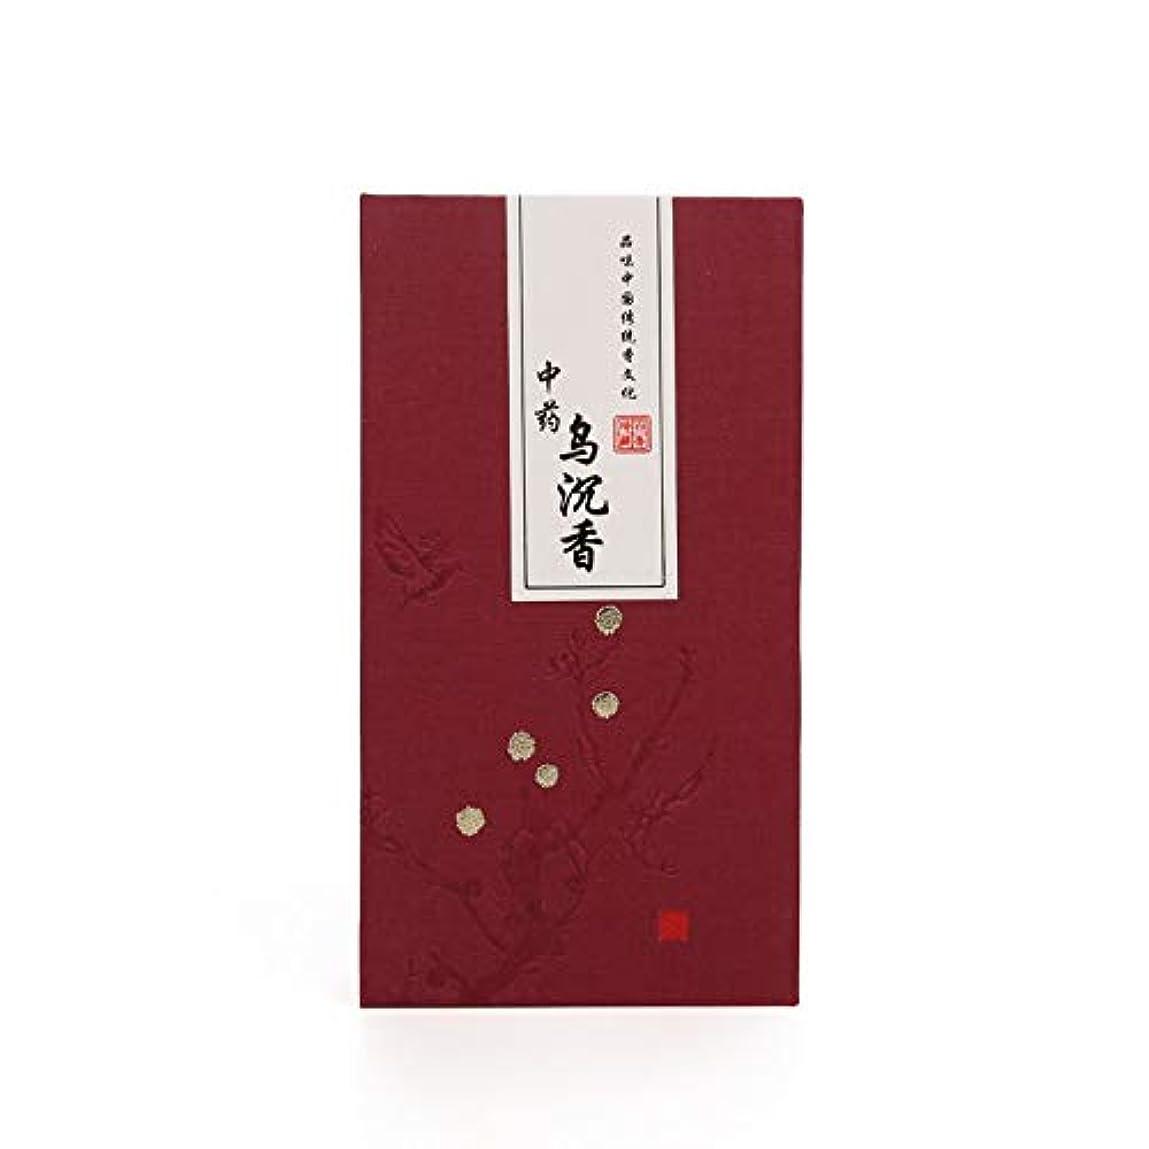 ケージ気分が悪い権威Diatems - 絶妙な箱入りの天然白檀の香りのお香、香りの木、辺材、ヒノキ、2時間、長期的な仏香、アロマテラピー[鳥サンダルウッド]